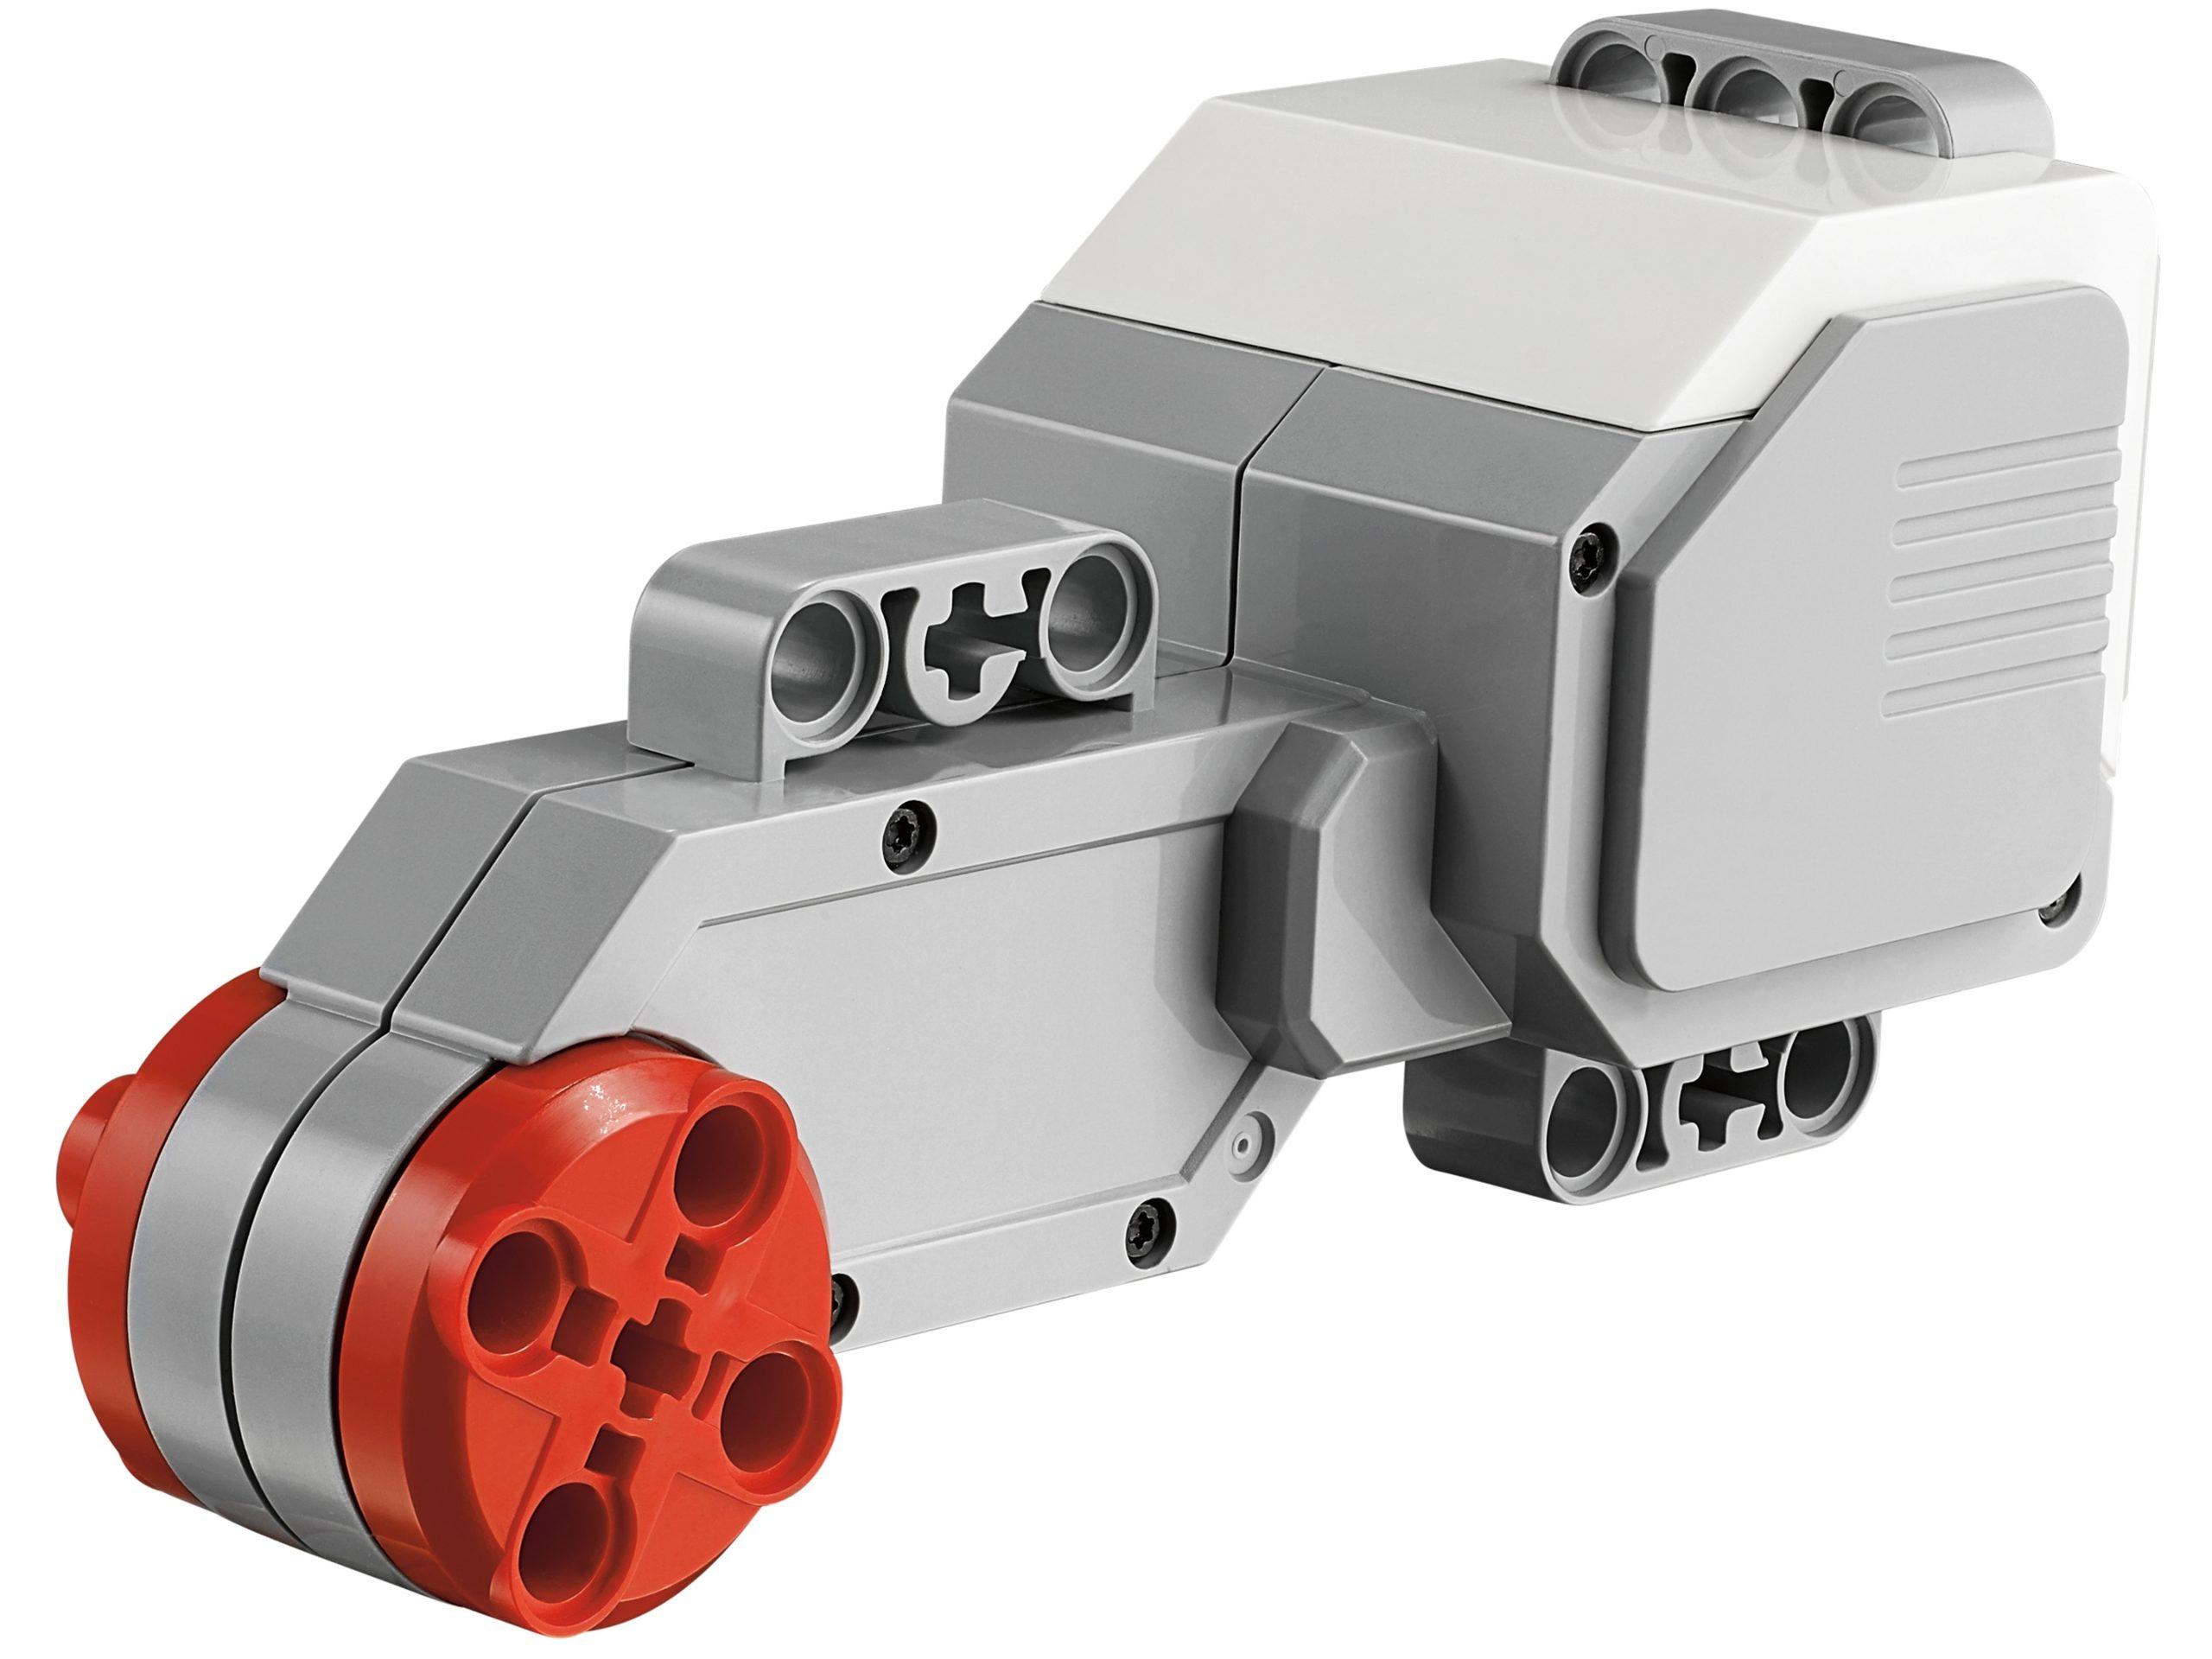 lego 45502 ev3 large servo motor scaled